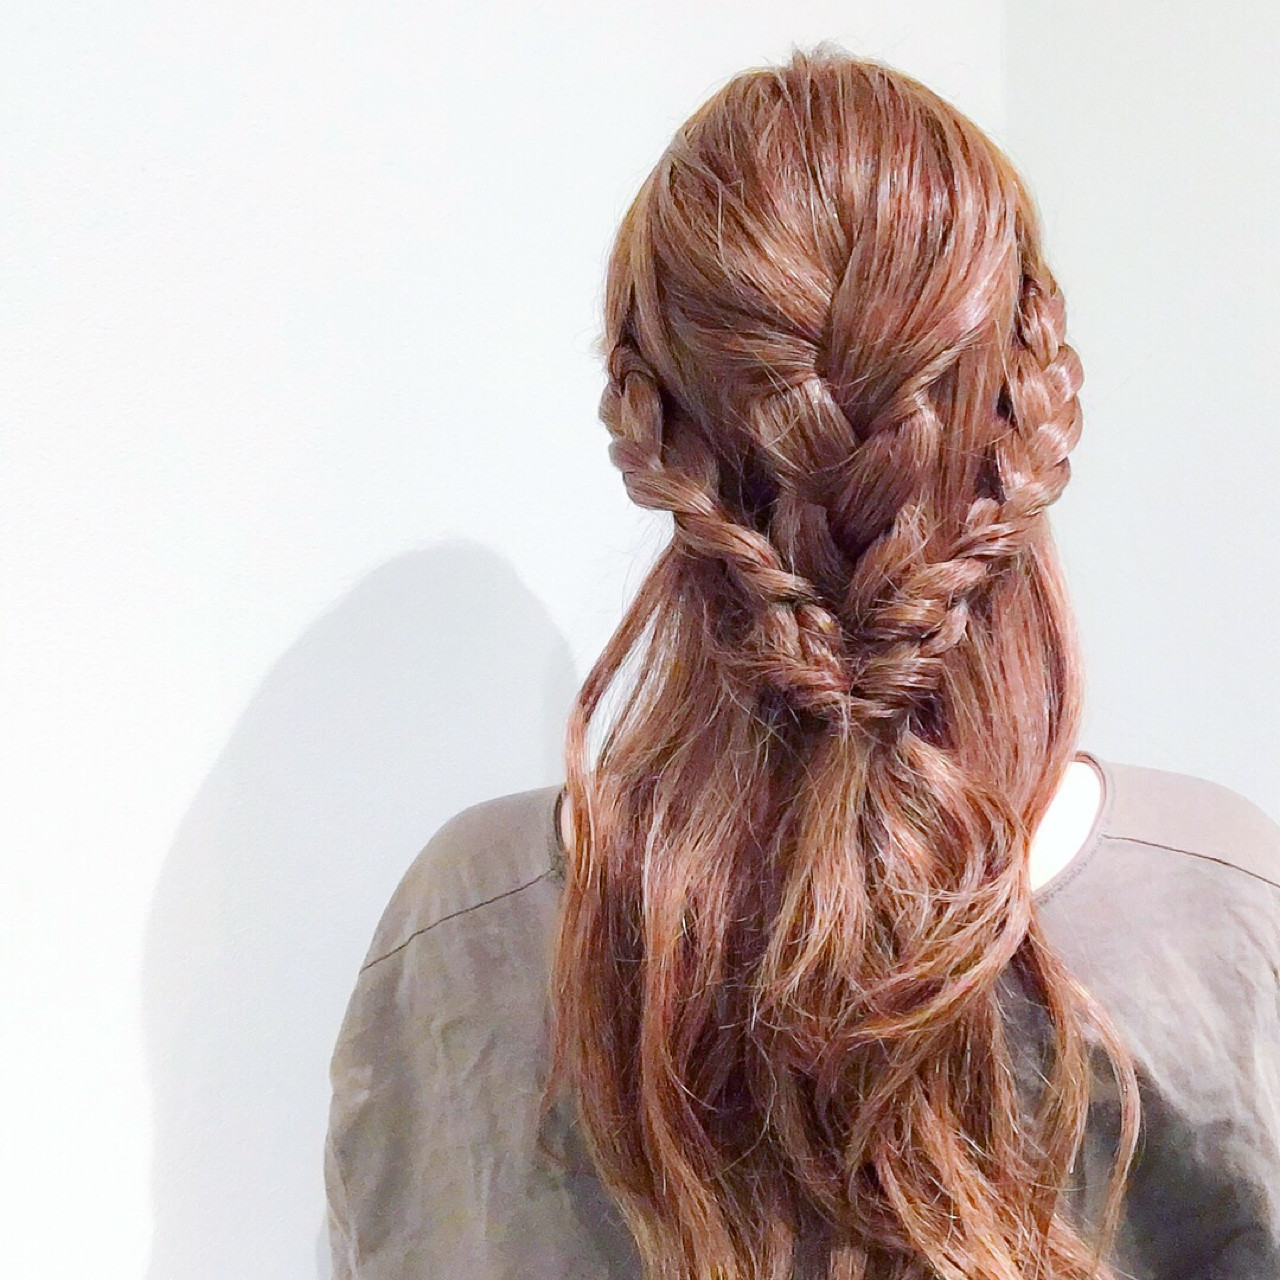 ロング フェミニン オフィス 簡単ヘアアレンジ ヘアスタイルや髪型の写真・画像